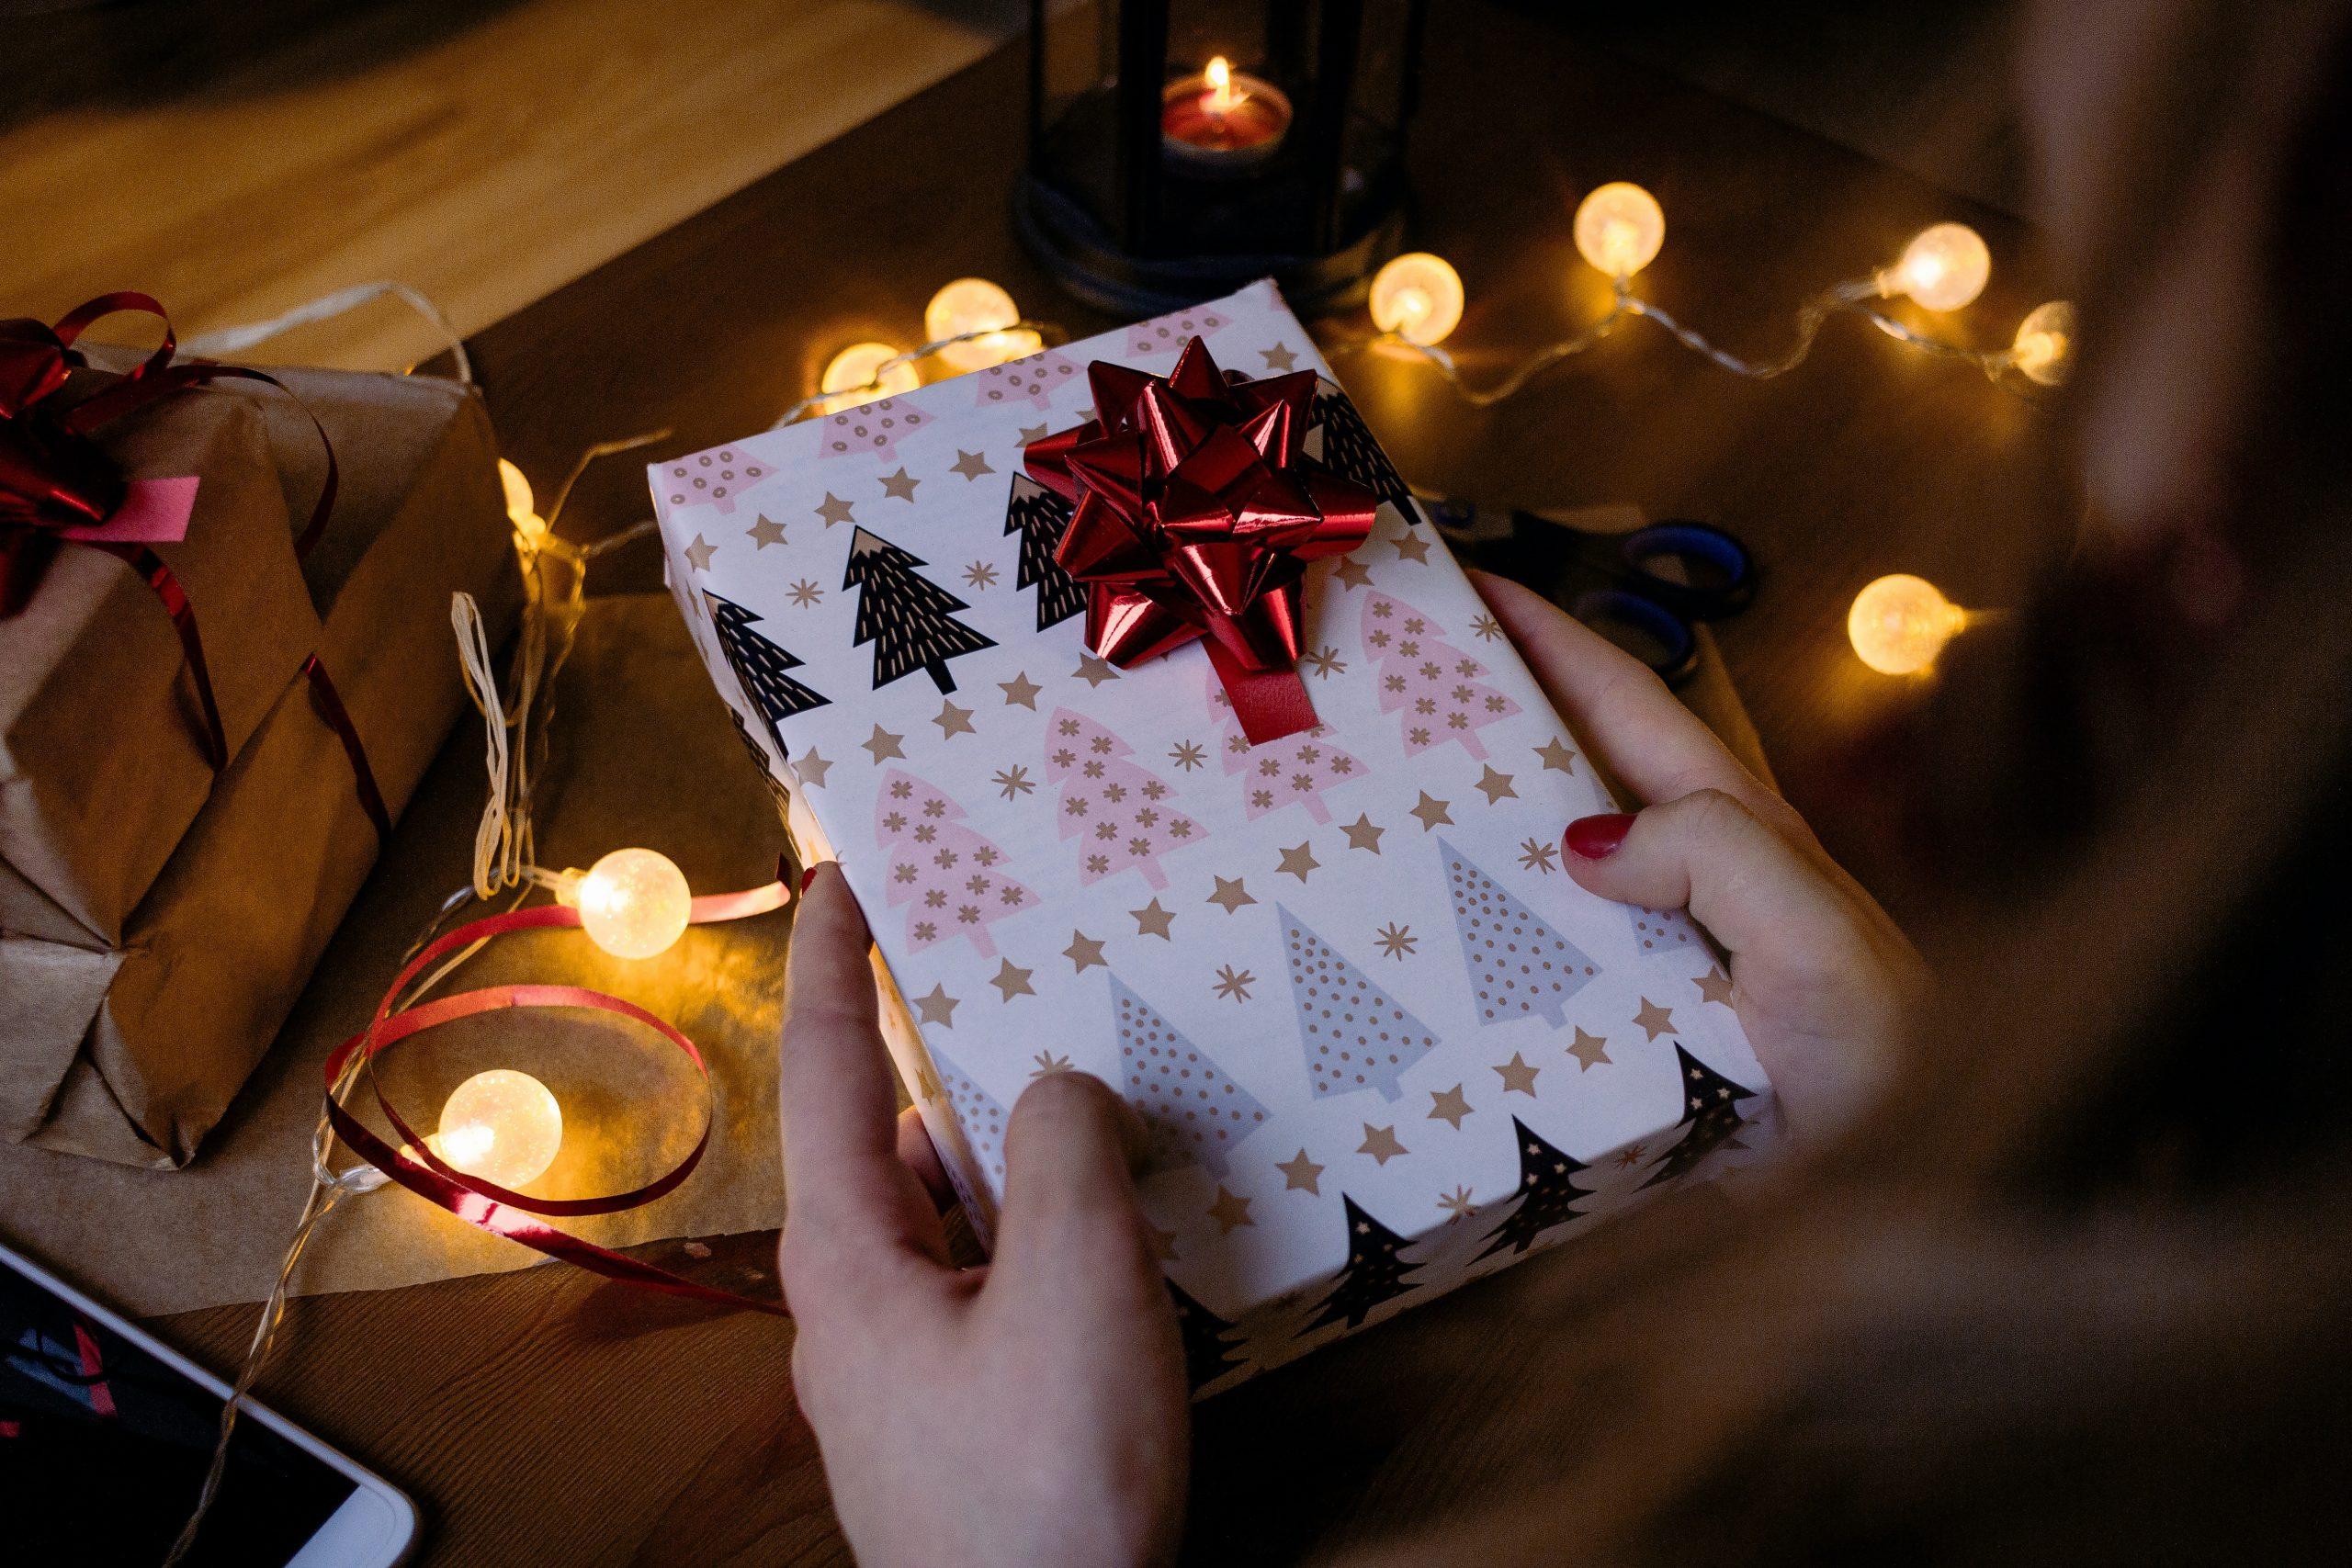 Alternatieve Sinterklaas- en kerstcadeautjes voor het hele gezin